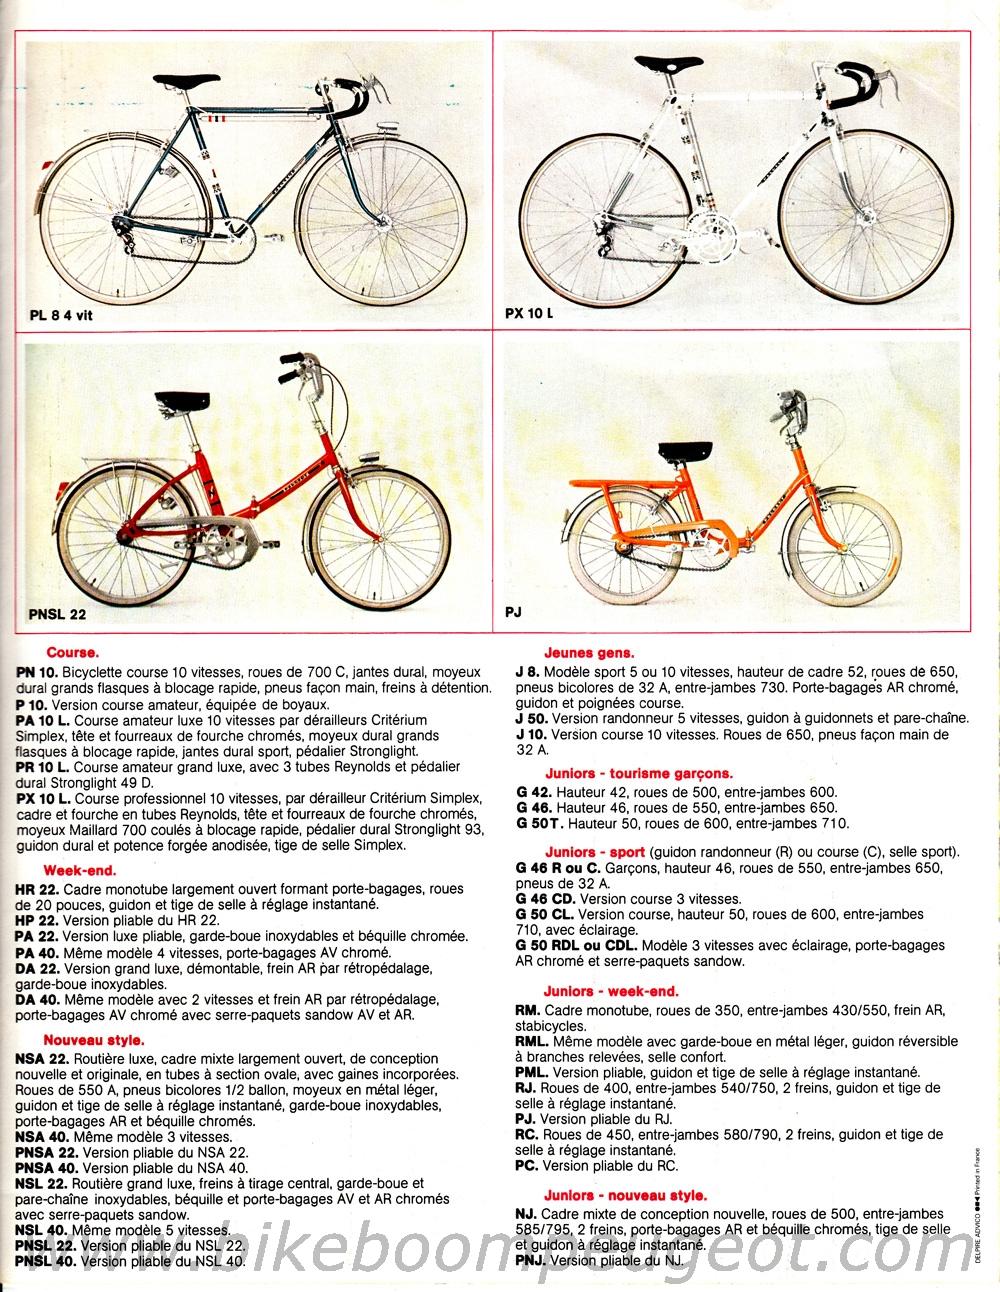 Peugeot PR 10 orange 1970 à 1974 ? Peugeot%201972-1973%20France%20Brochure%20Inside%202